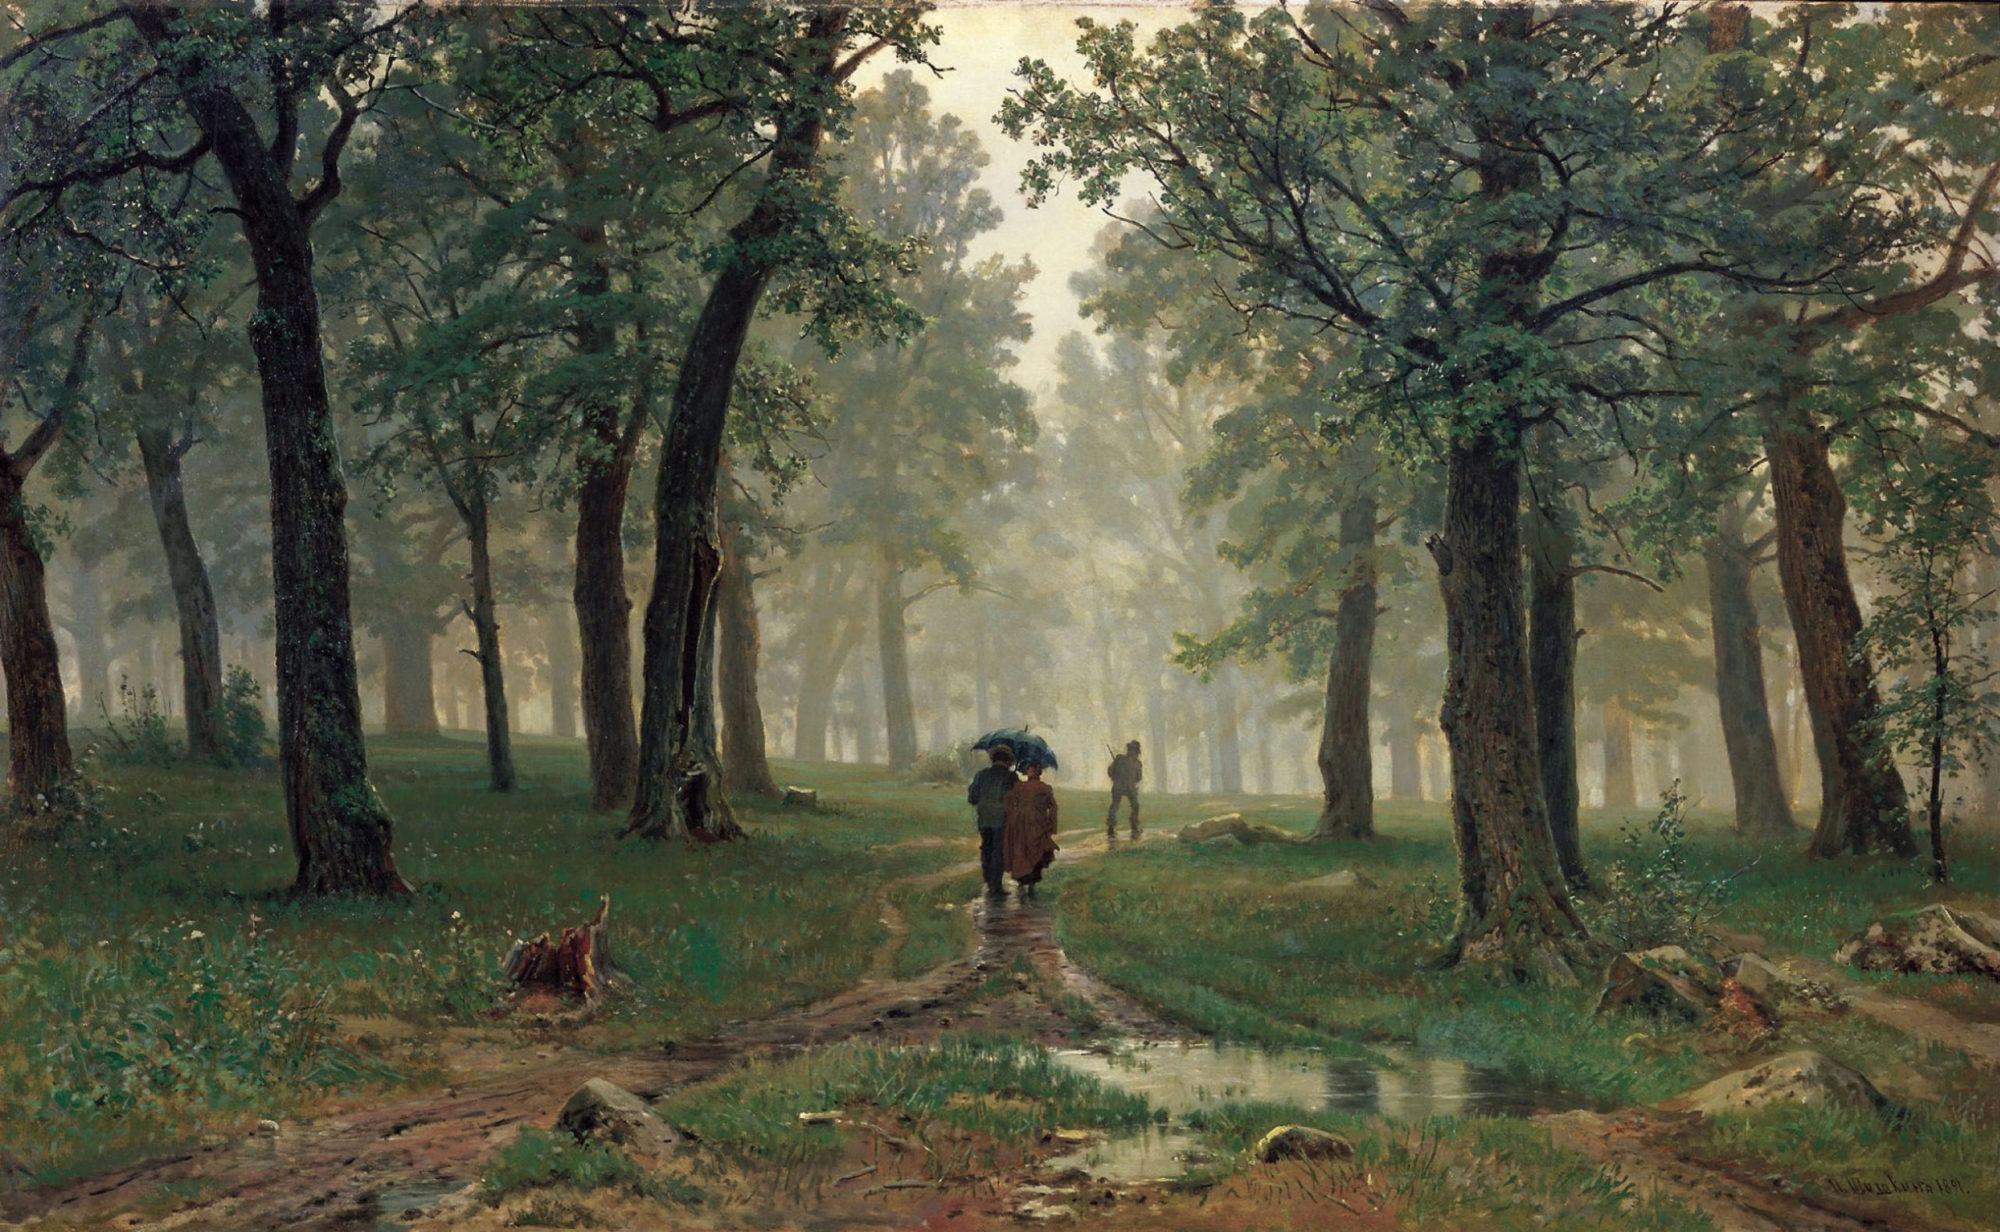 Иван Шишкин, 1891 год, картина «Дождь в дубовом лесу».